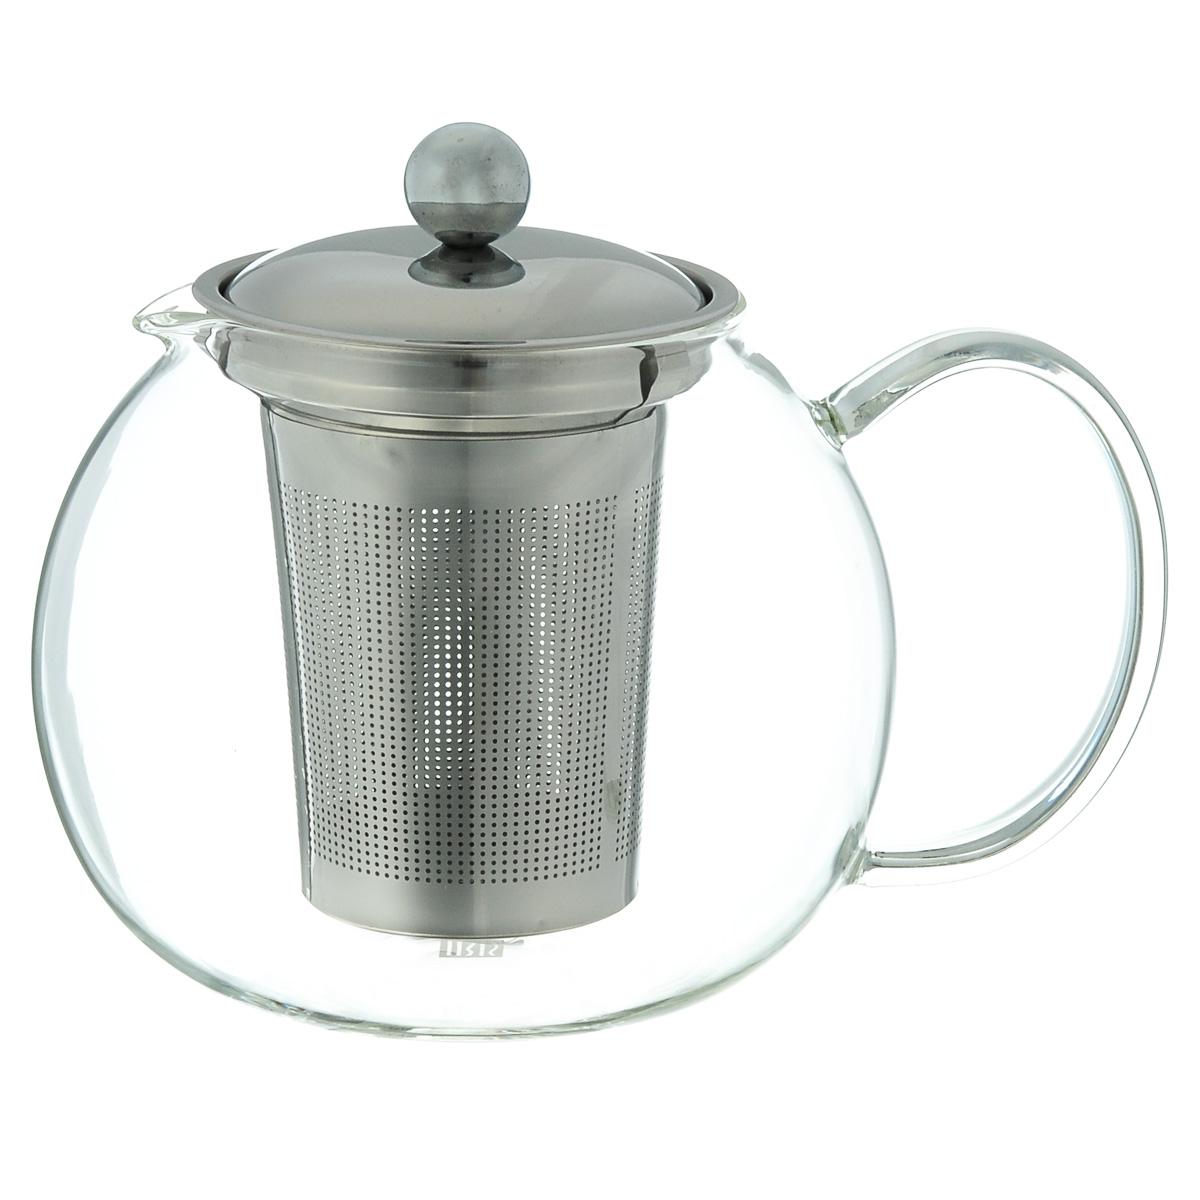 Чайник заварочный Iris Barcelona, 1,3 лМВ-3226Заварочный чайник Iris Barcelona изготовлен из боросиликатного стекла, которое отличается прочностью и устойчивостью к высоким температурам. Чайник оснащен крышкой и ситечком, выполненным из нержавеющей стали 18/8. Чайник предназначен для заварки 6 чашек чая. Можно мыть в посудомоечной машине. Объем: 1,3 л. Диаметр (по верхнему краю): 9 см. Высота (без учета крышки): 12,5 см.